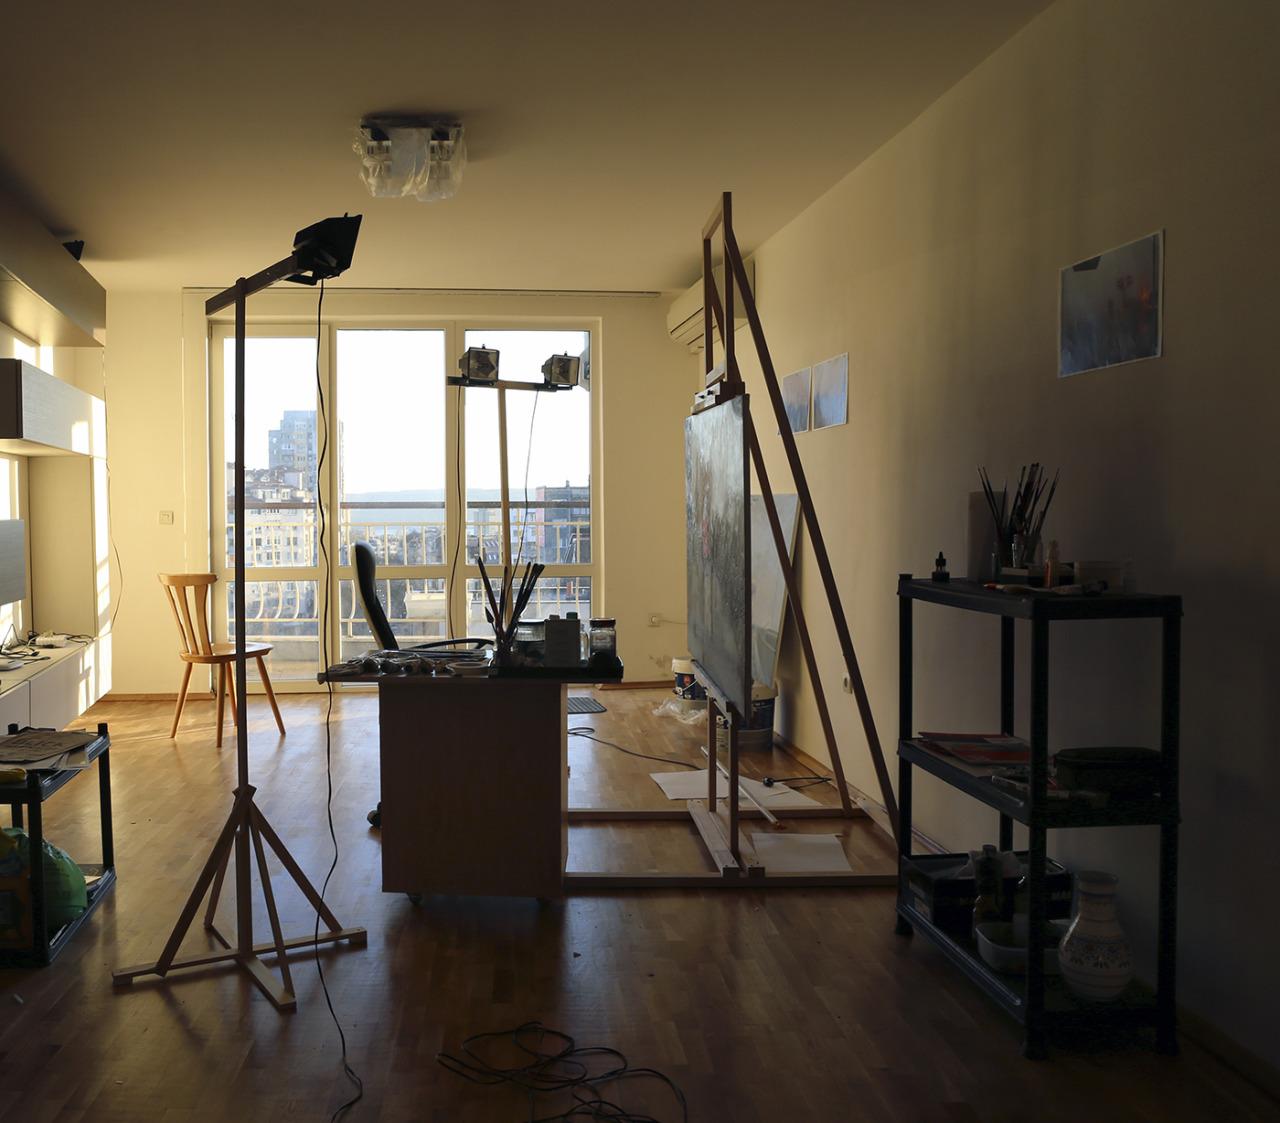 Atelier © Gregory Thielker